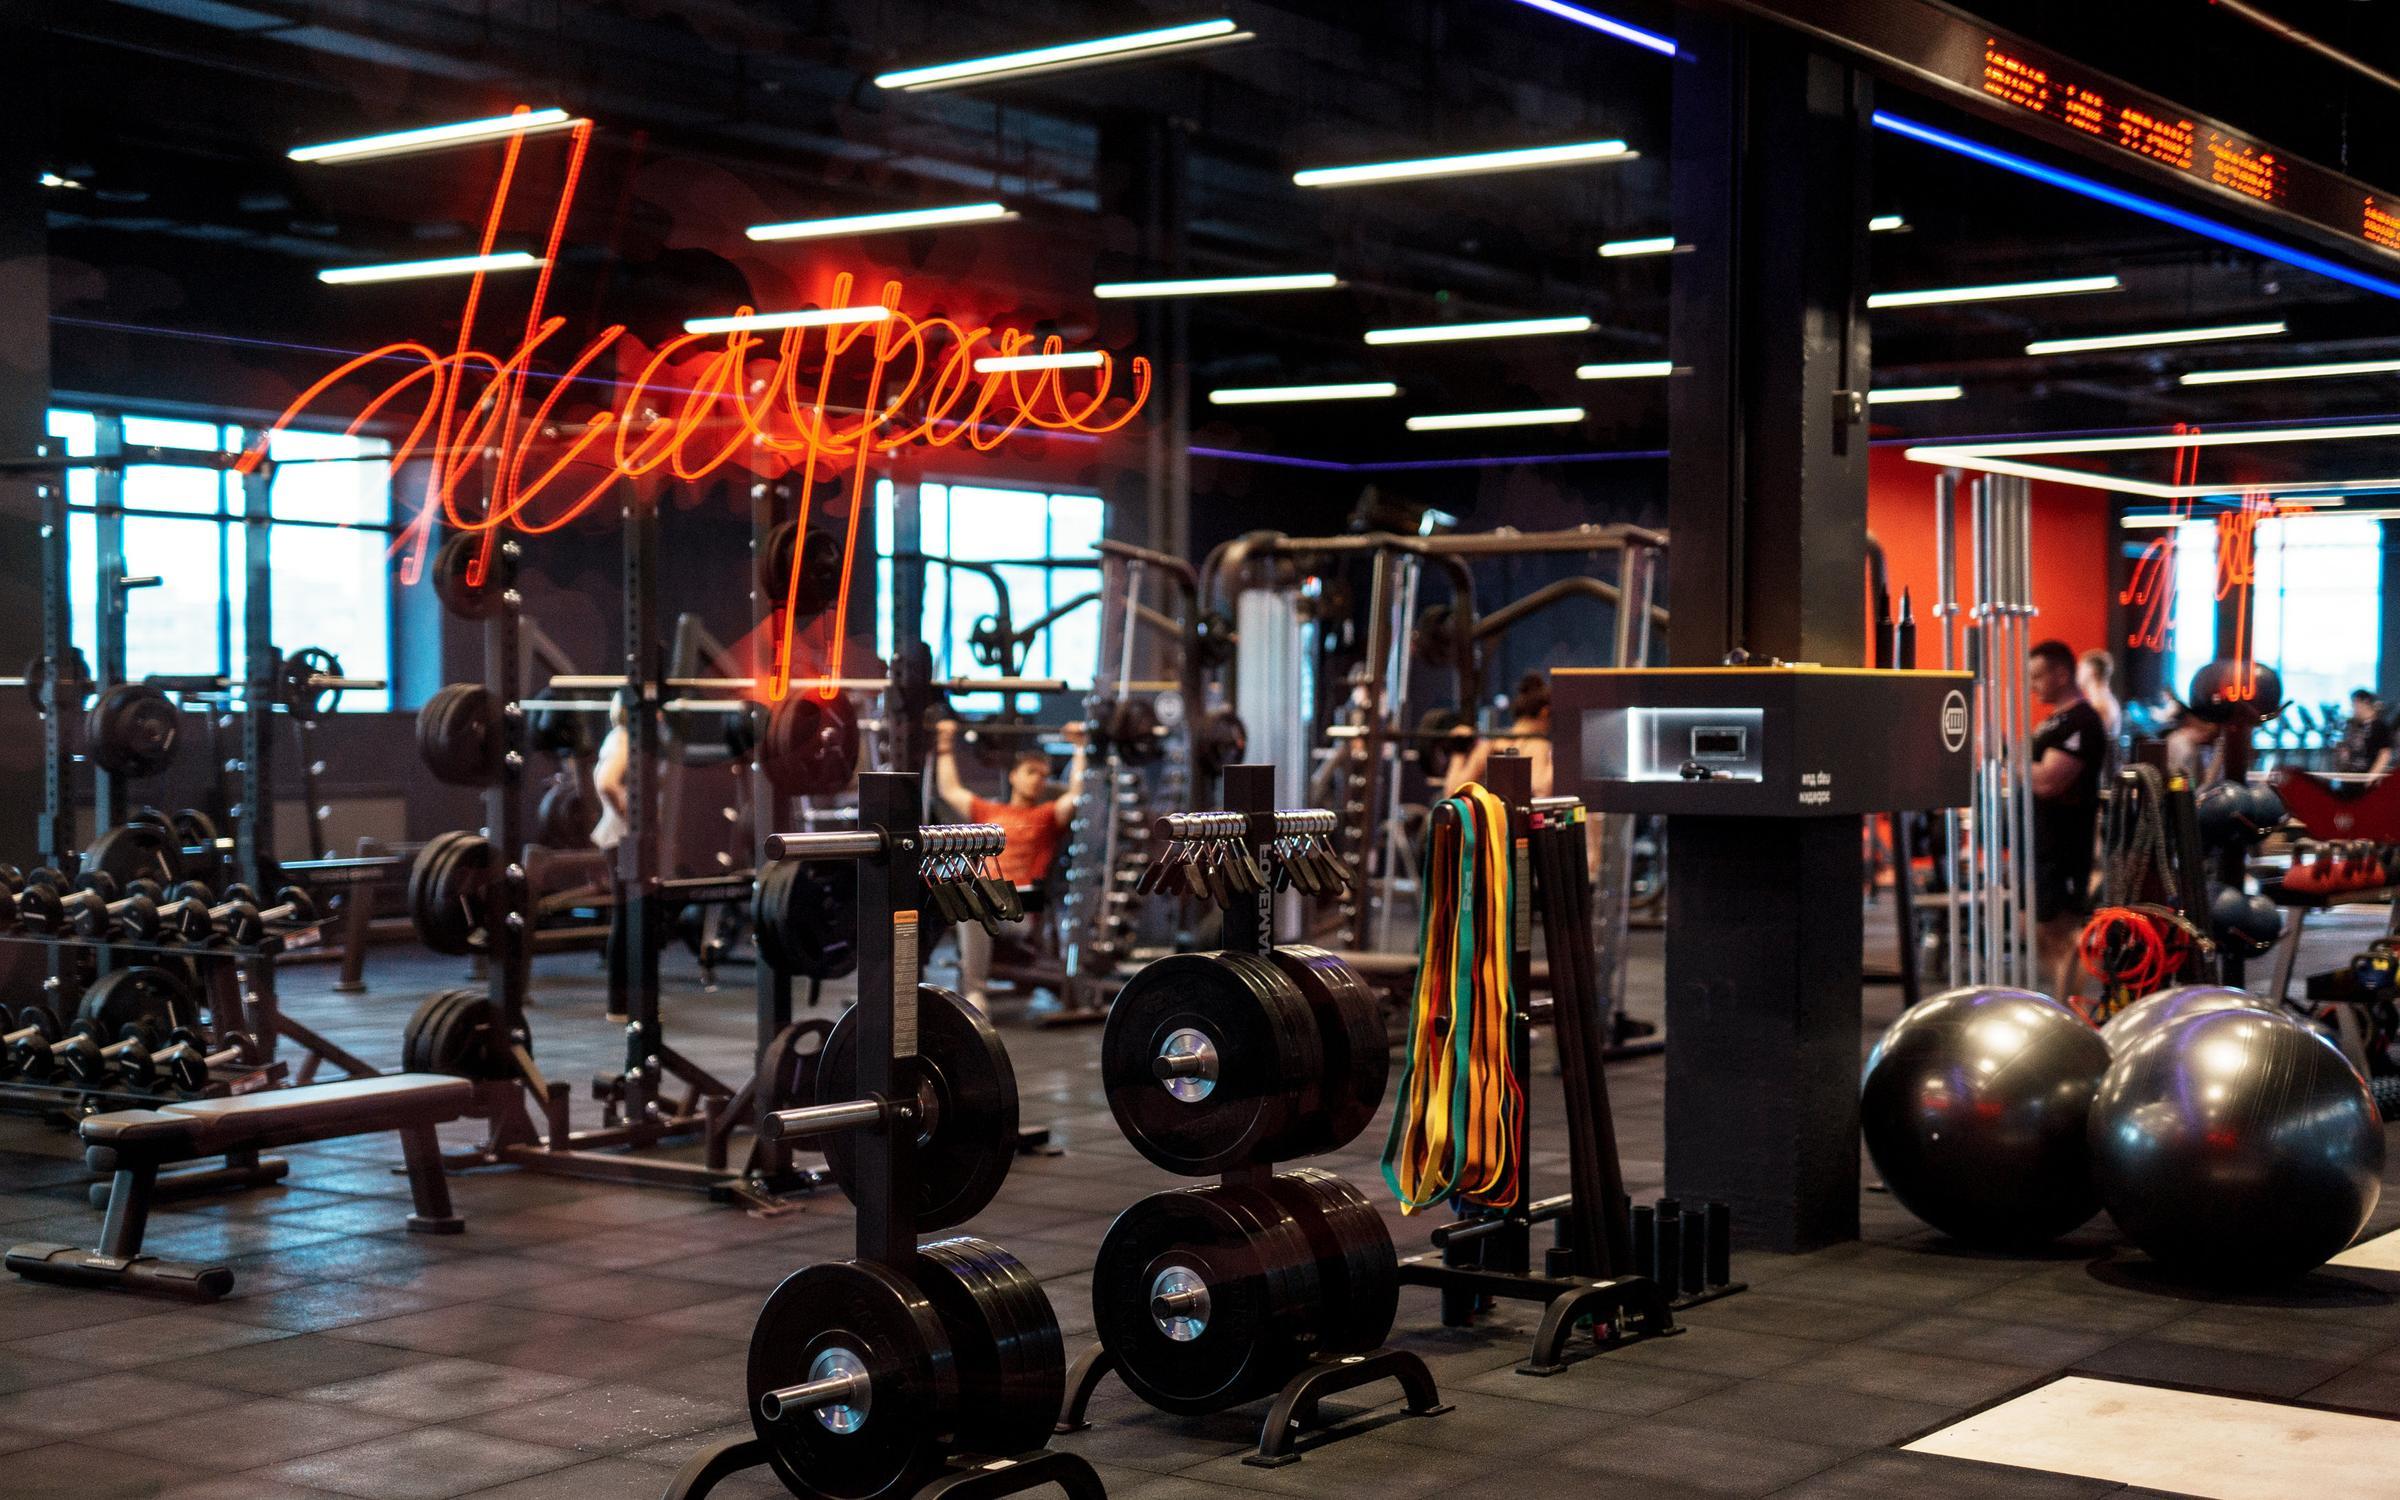 Фитнес клуб ежемесячная оплата москва фотоотчеты из ночных клубов санкт петербург